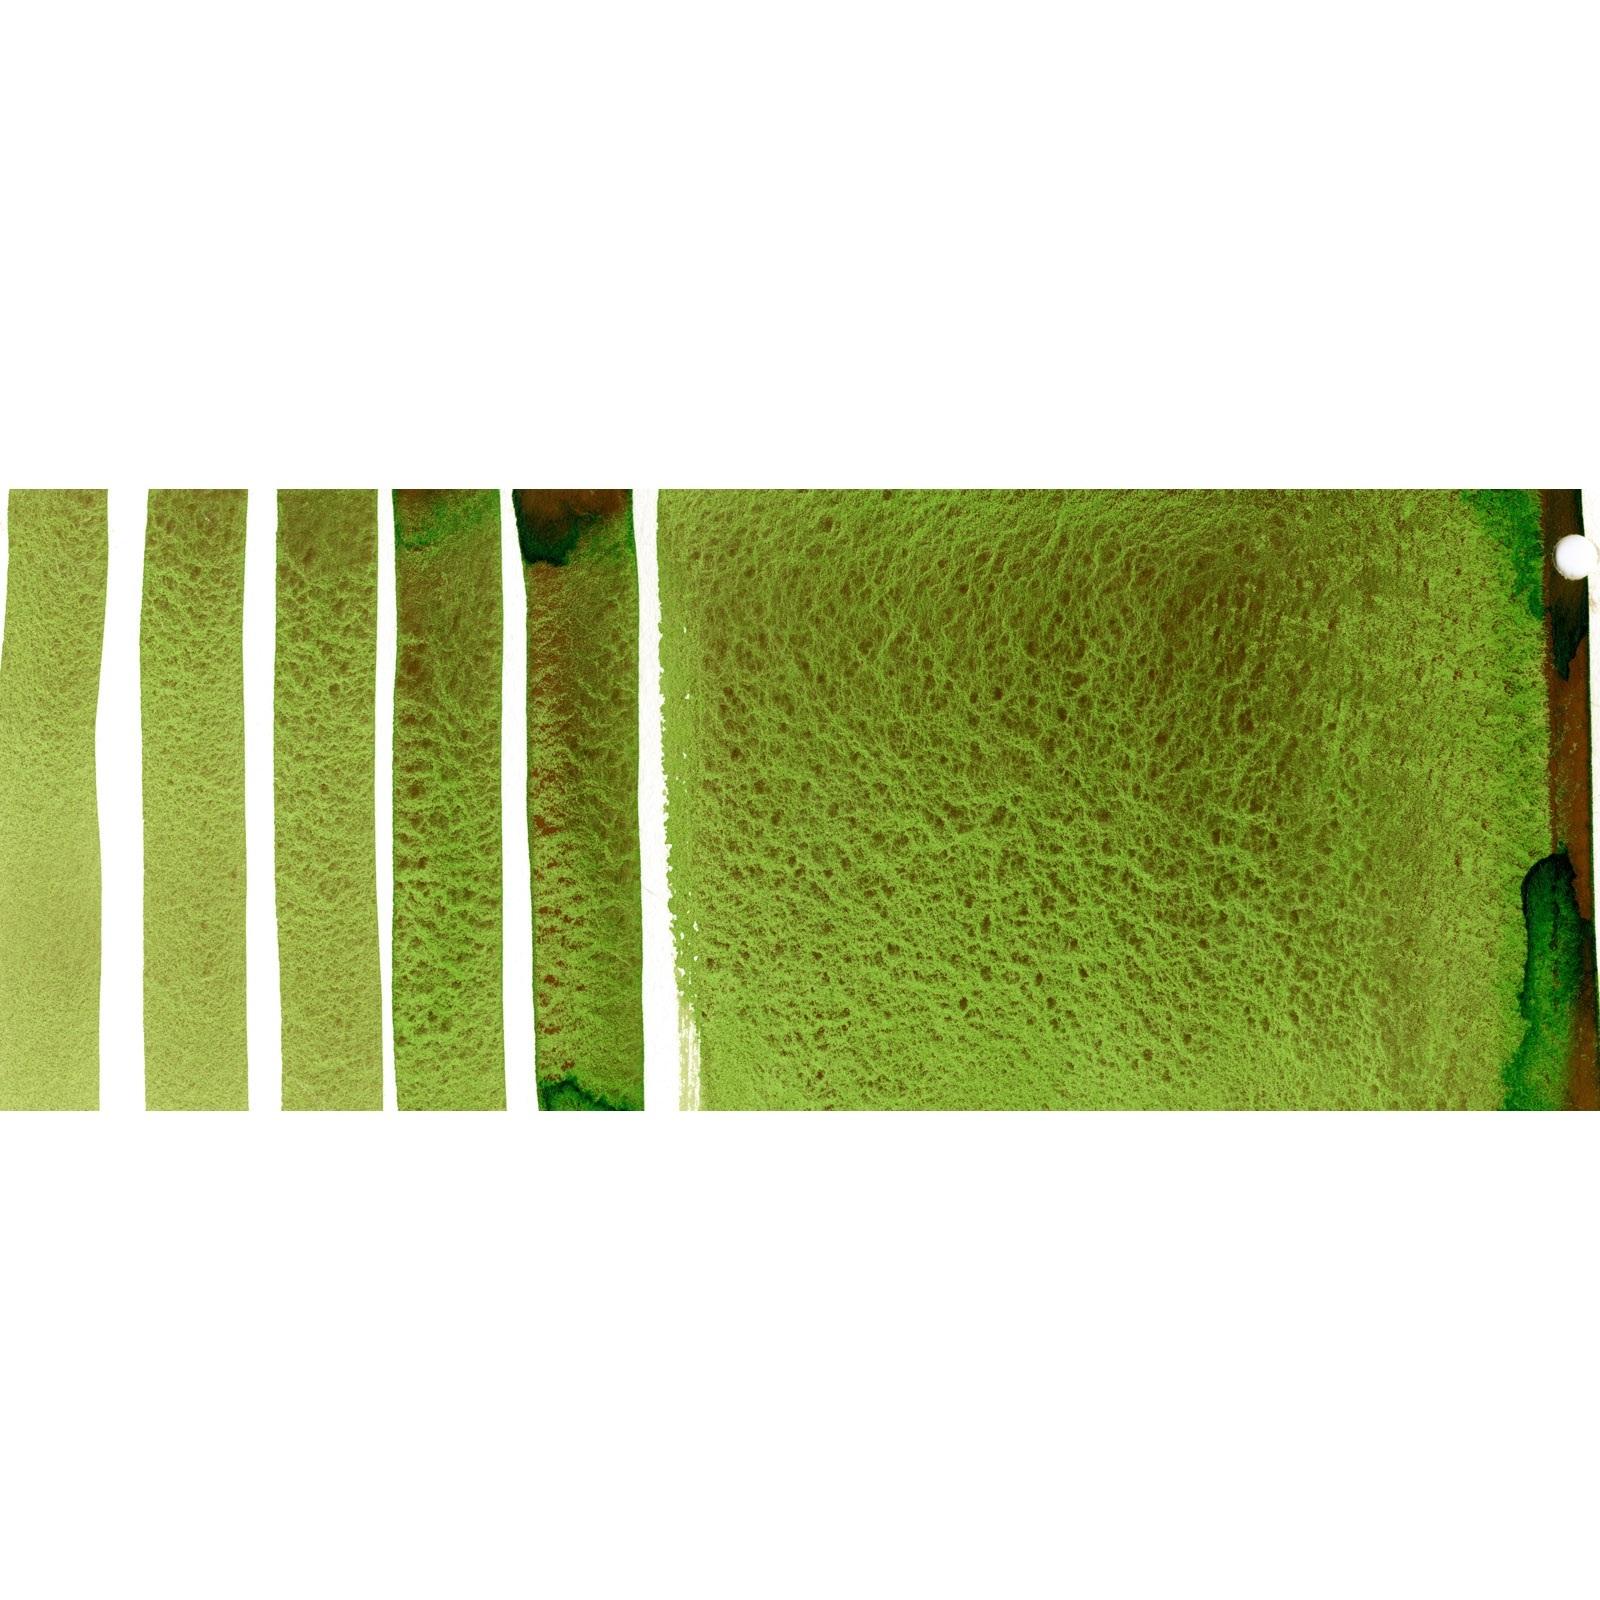 GreenApatiteGenuine_284600197.jpg